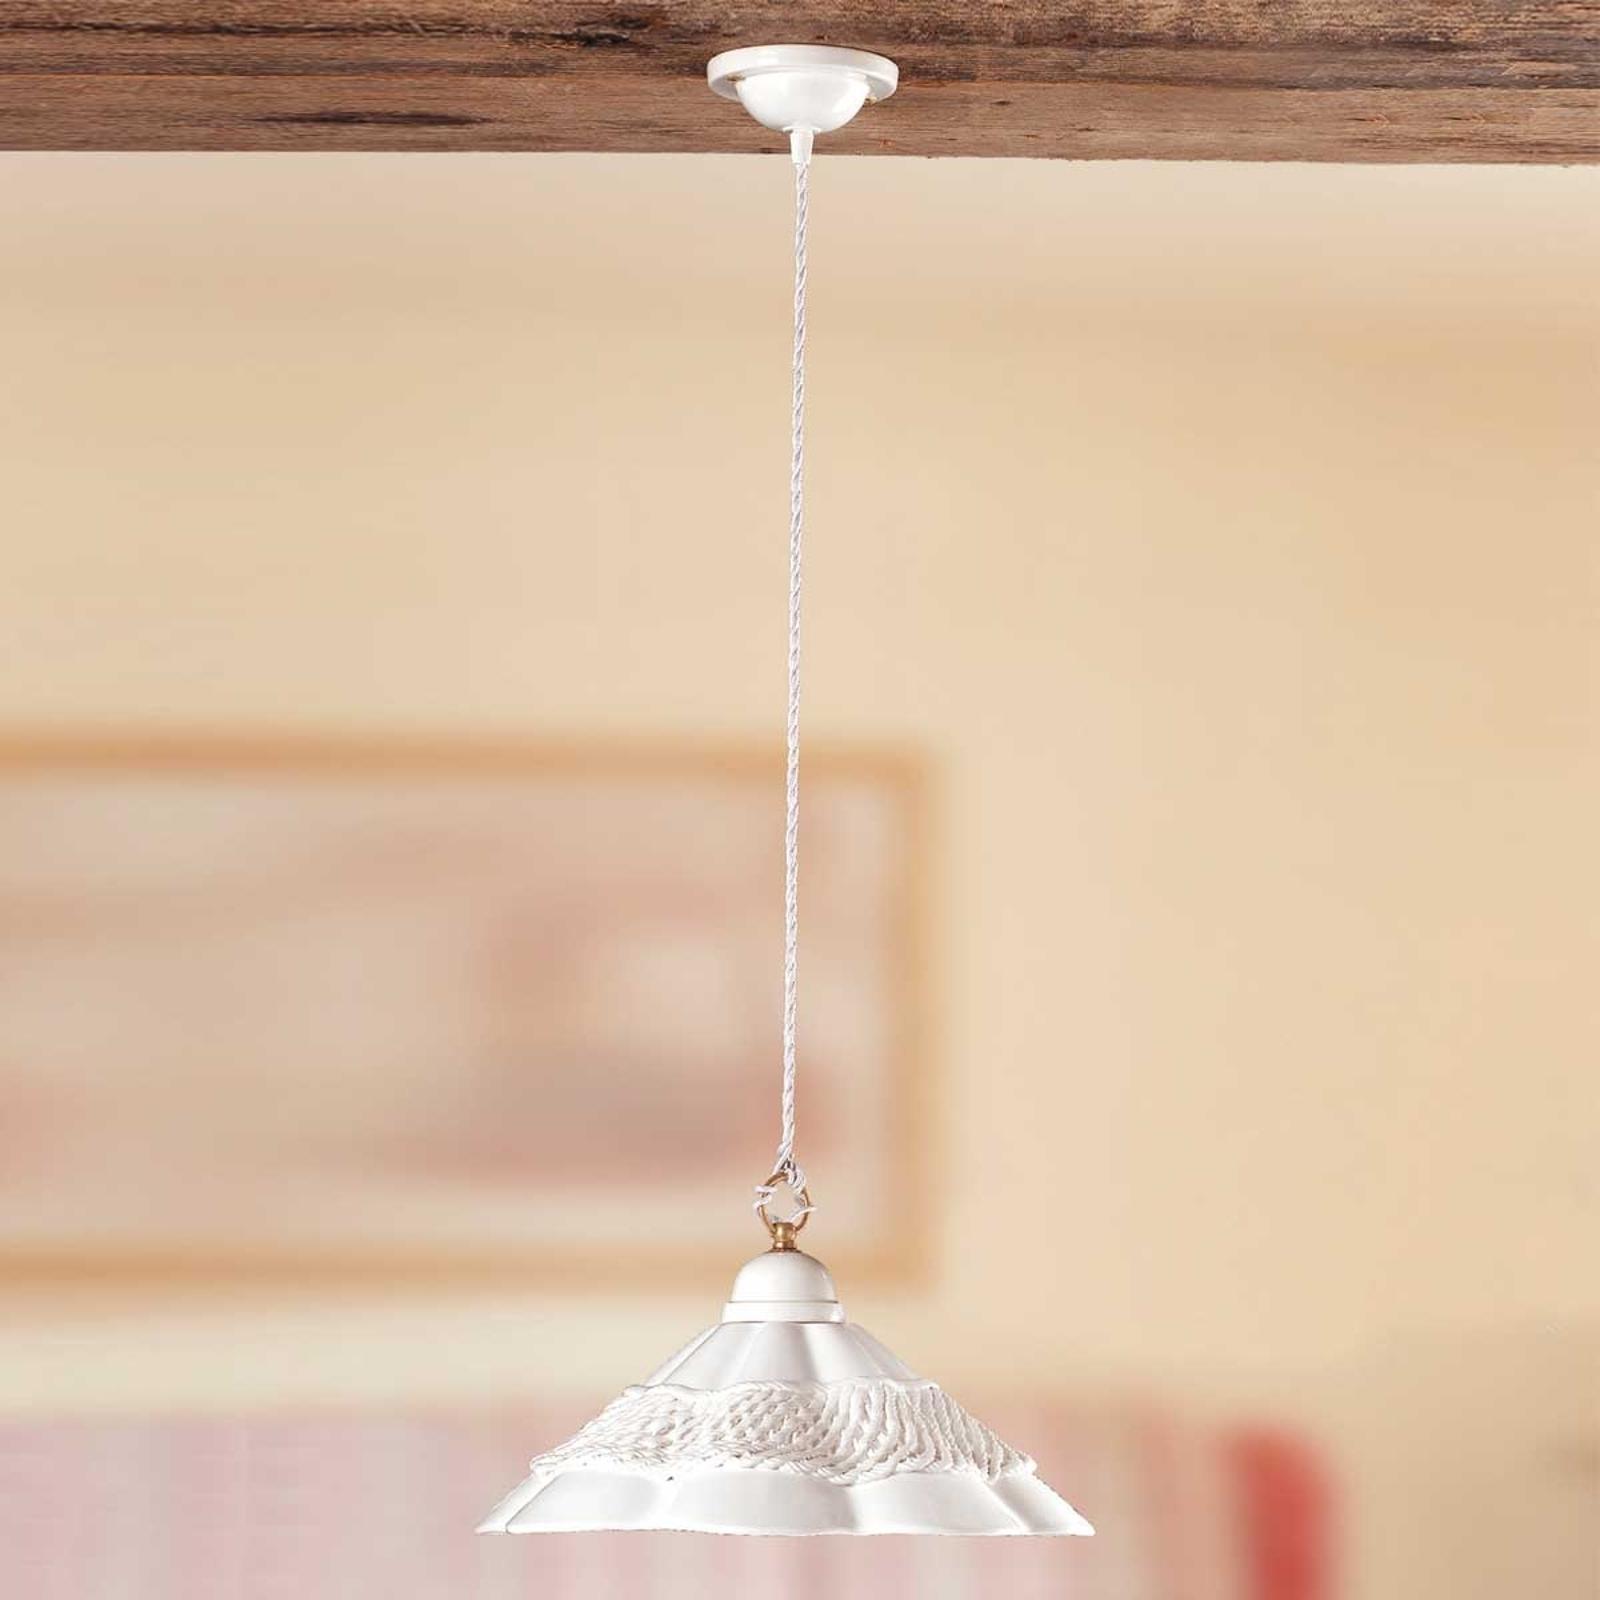 Hanglamp GONNELLA - met dec. rand in het midden